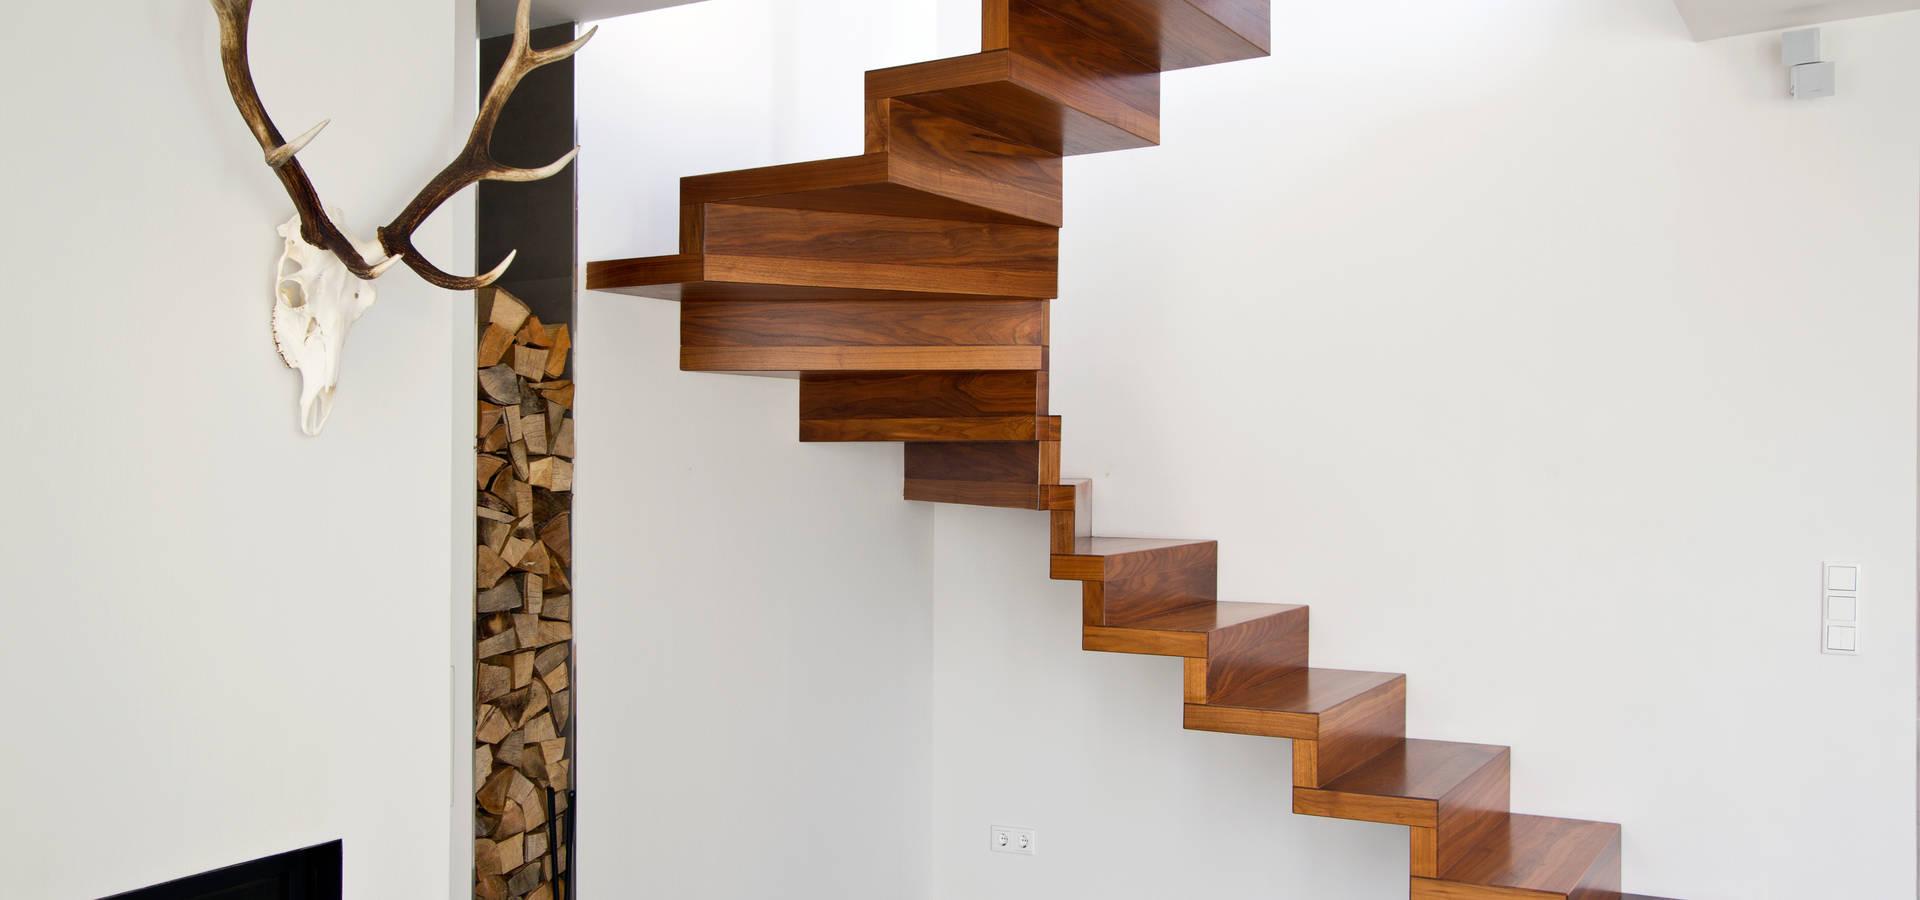 Gartenhaus by innen_architekten BALS + WIRTH | homify